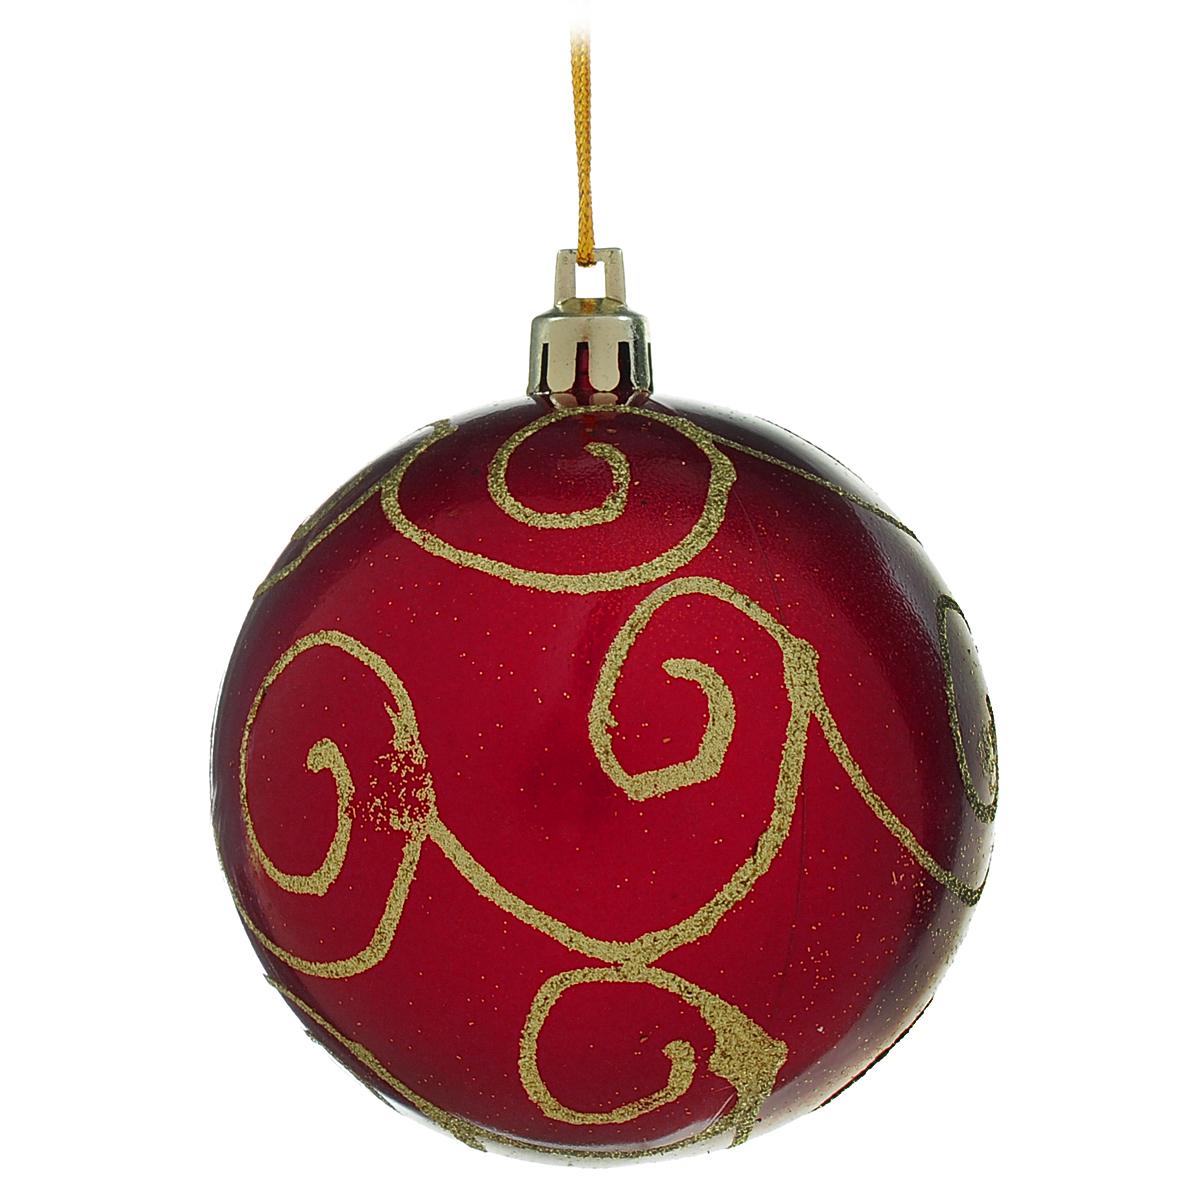 Новогоднее подвесное украшение Шар, цвет: красный, золотистый. DB13057DB13057Новогоднее подвесное украшение Шар выполнено из высококачественного пластика и декорировано блестками. С помощью специальной текстильной петельки украшение можно повесить в любом понравившемся вам месте. Но, конечно, удачнее всего такой шар будет смотреться на праздничной елке. Елочная игрушка - символ Нового года. Она несет в себе волшебство и красоту праздника. Создайте в своем доме атмосферу веселья и радости, украшая новогоднюю елку нарядными игрушками, которые будут из года в год накапливать теплоту воспоминаний.